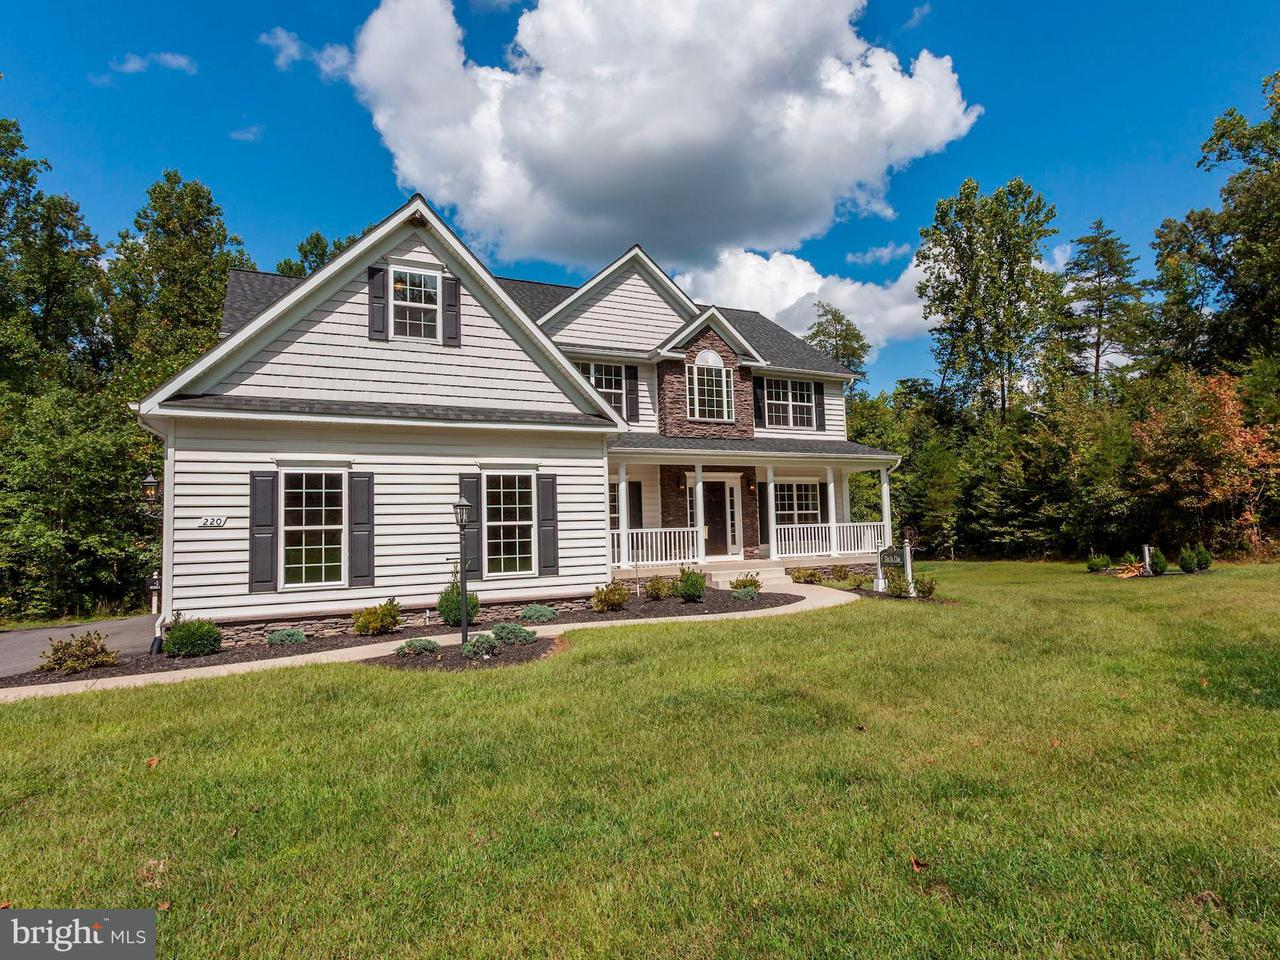 Casa Unifamiliar por un Venta en 220 Mount Hope Church Road 220 Mount Hope Church Road Stafford, Virginia 22554 Estados Unidos